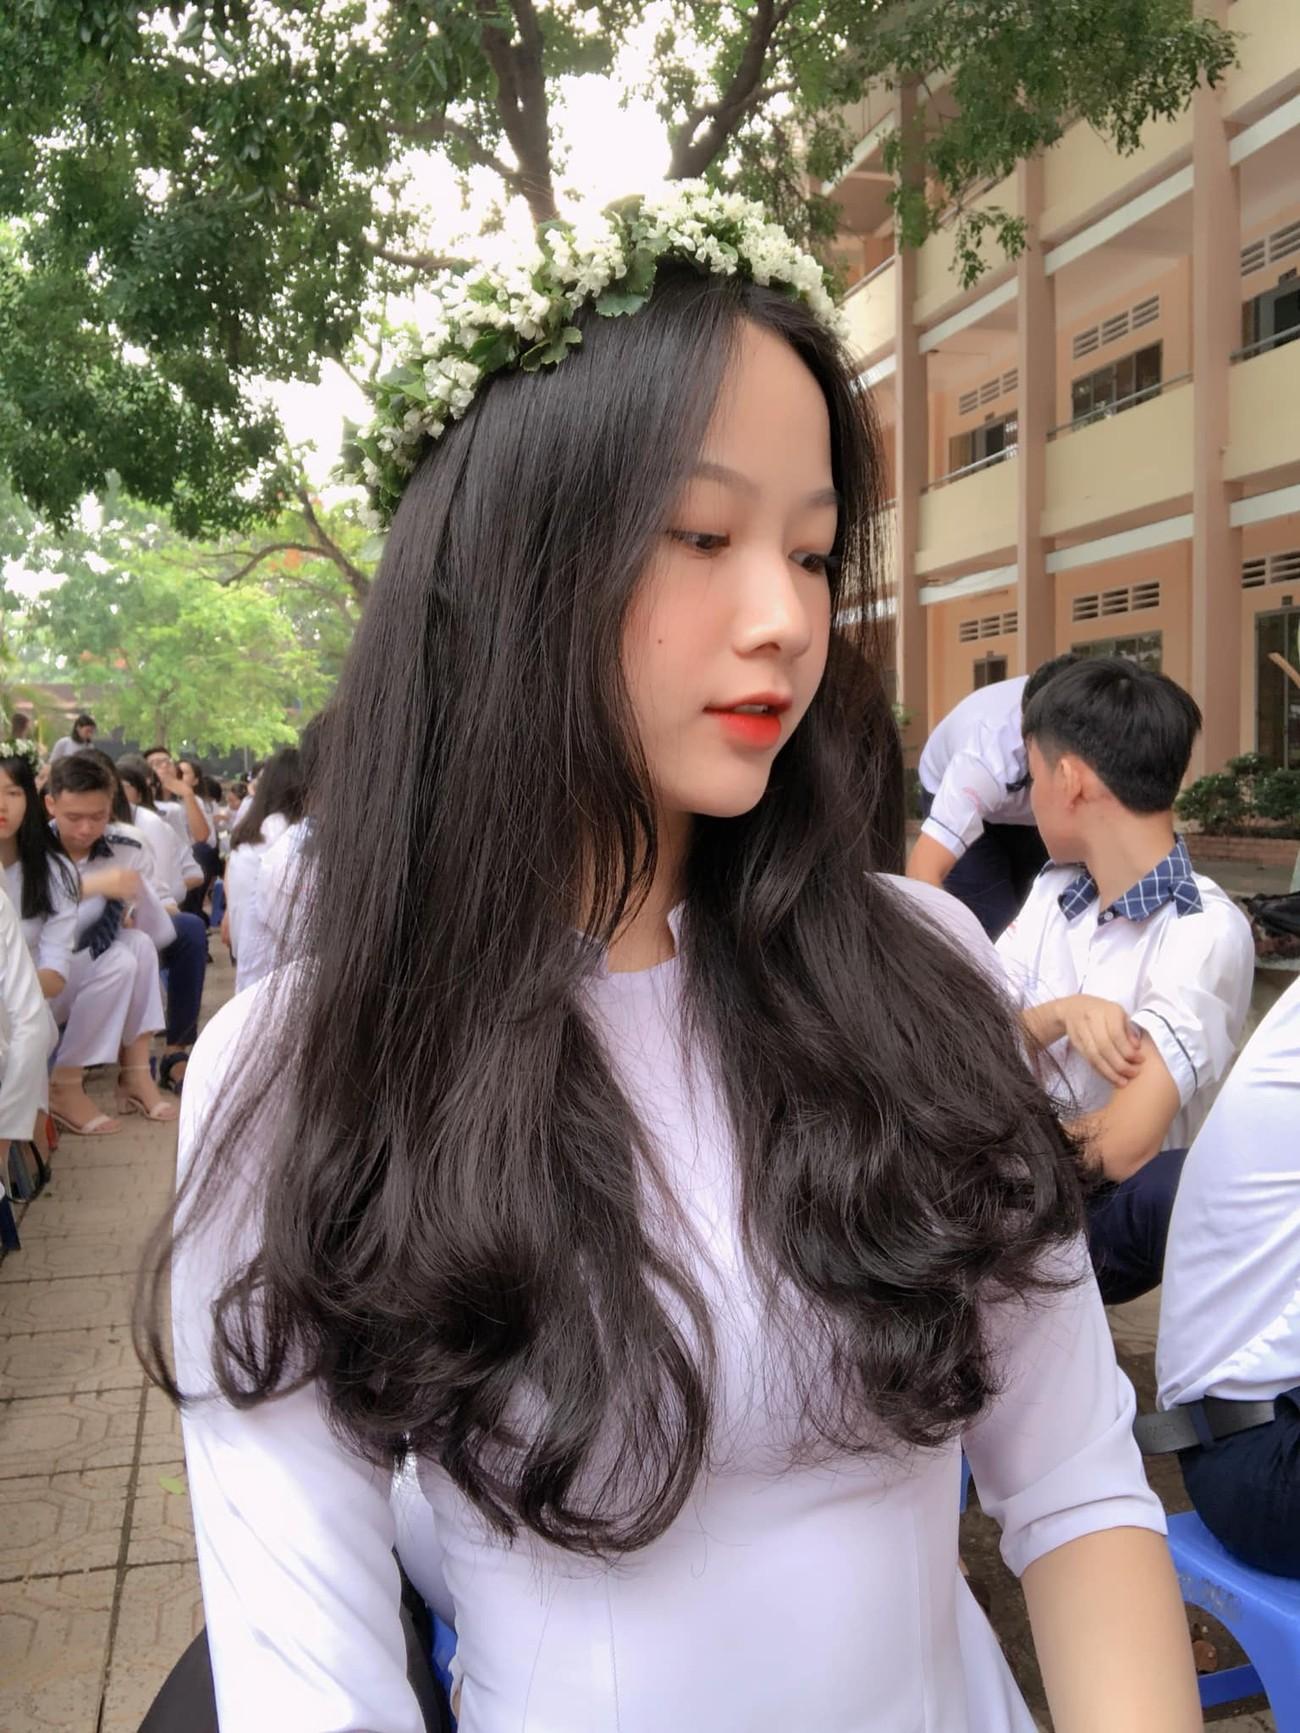 Ảnh cấp 3 cực xinh đẹp của 'Người đẹp có làn da đẹp nhất' Hoa hậu Việt Nam 2020 ảnh 2